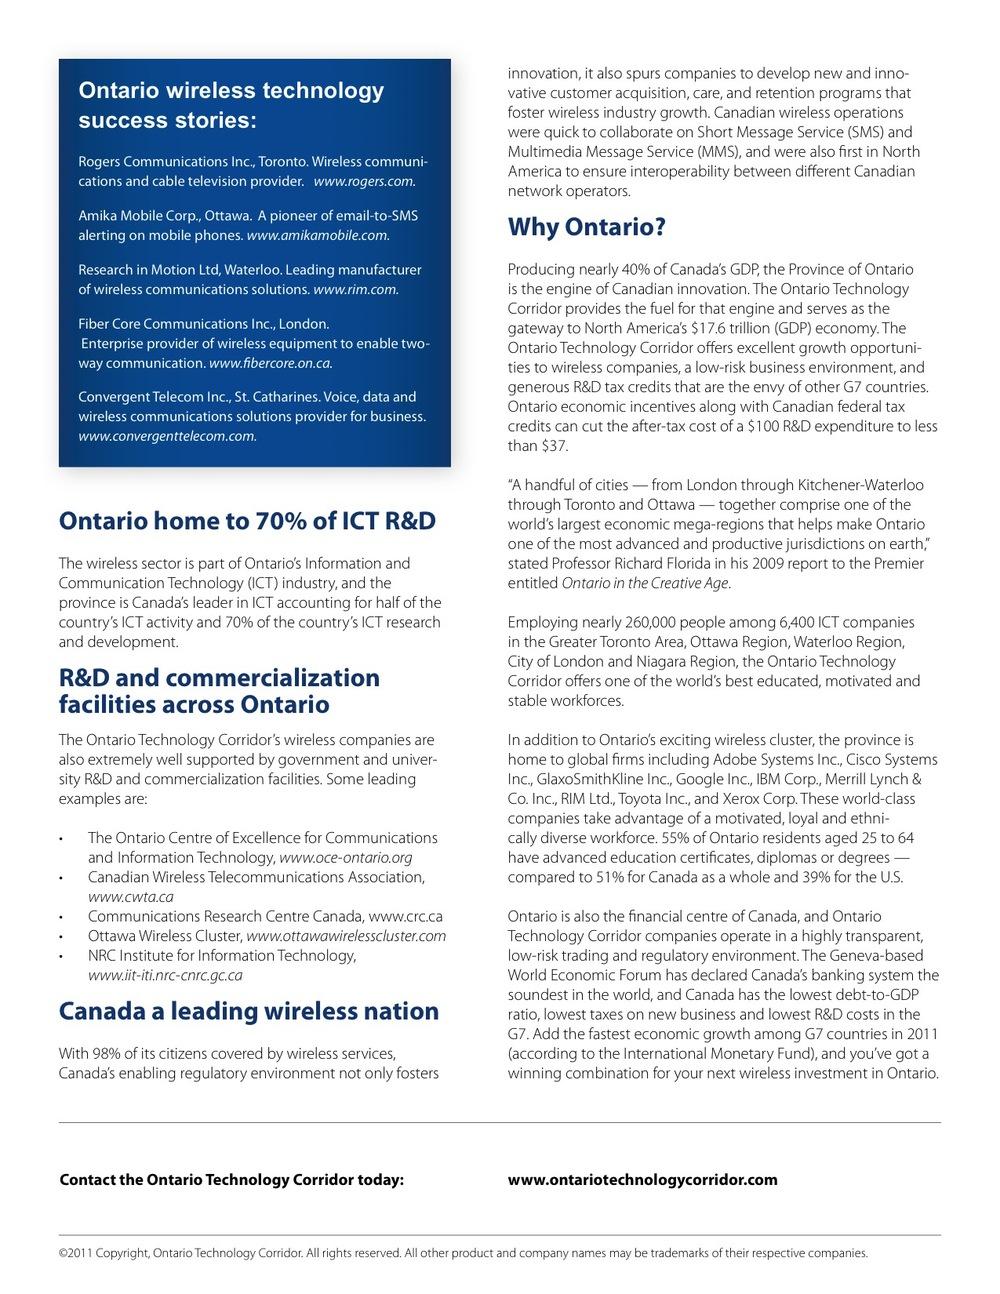 OTC-wireless-feb2011-view-page2.jpg